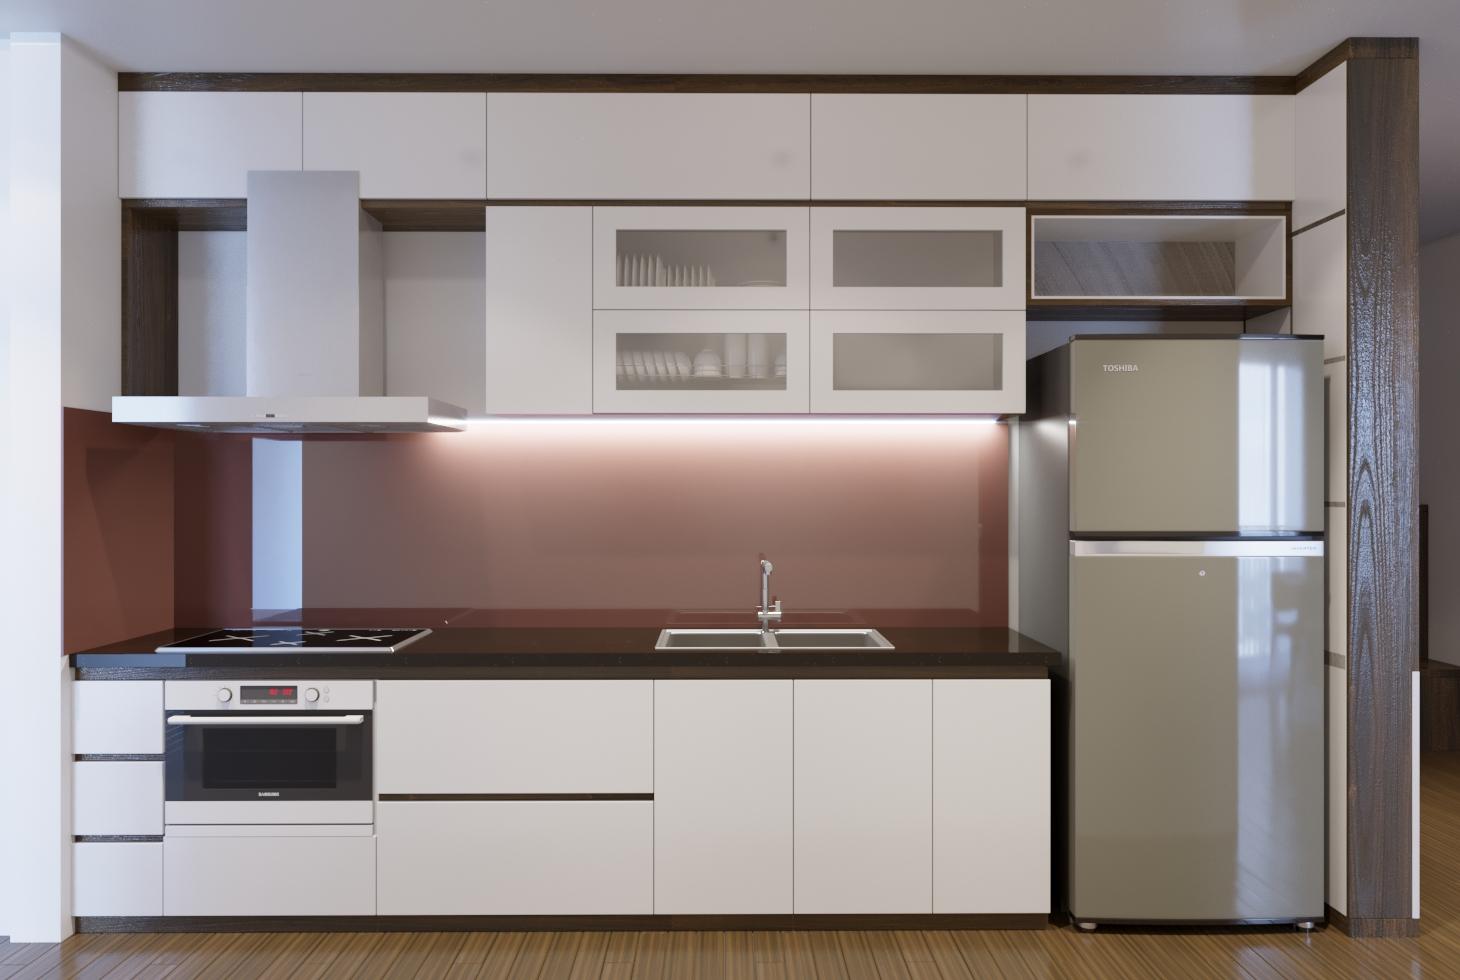 Diễn đàn rao vặt:  hãy là người tiêu dùng thông minh khi lựa chọn sản phẩm cho ngôi nhà mình 5(1)